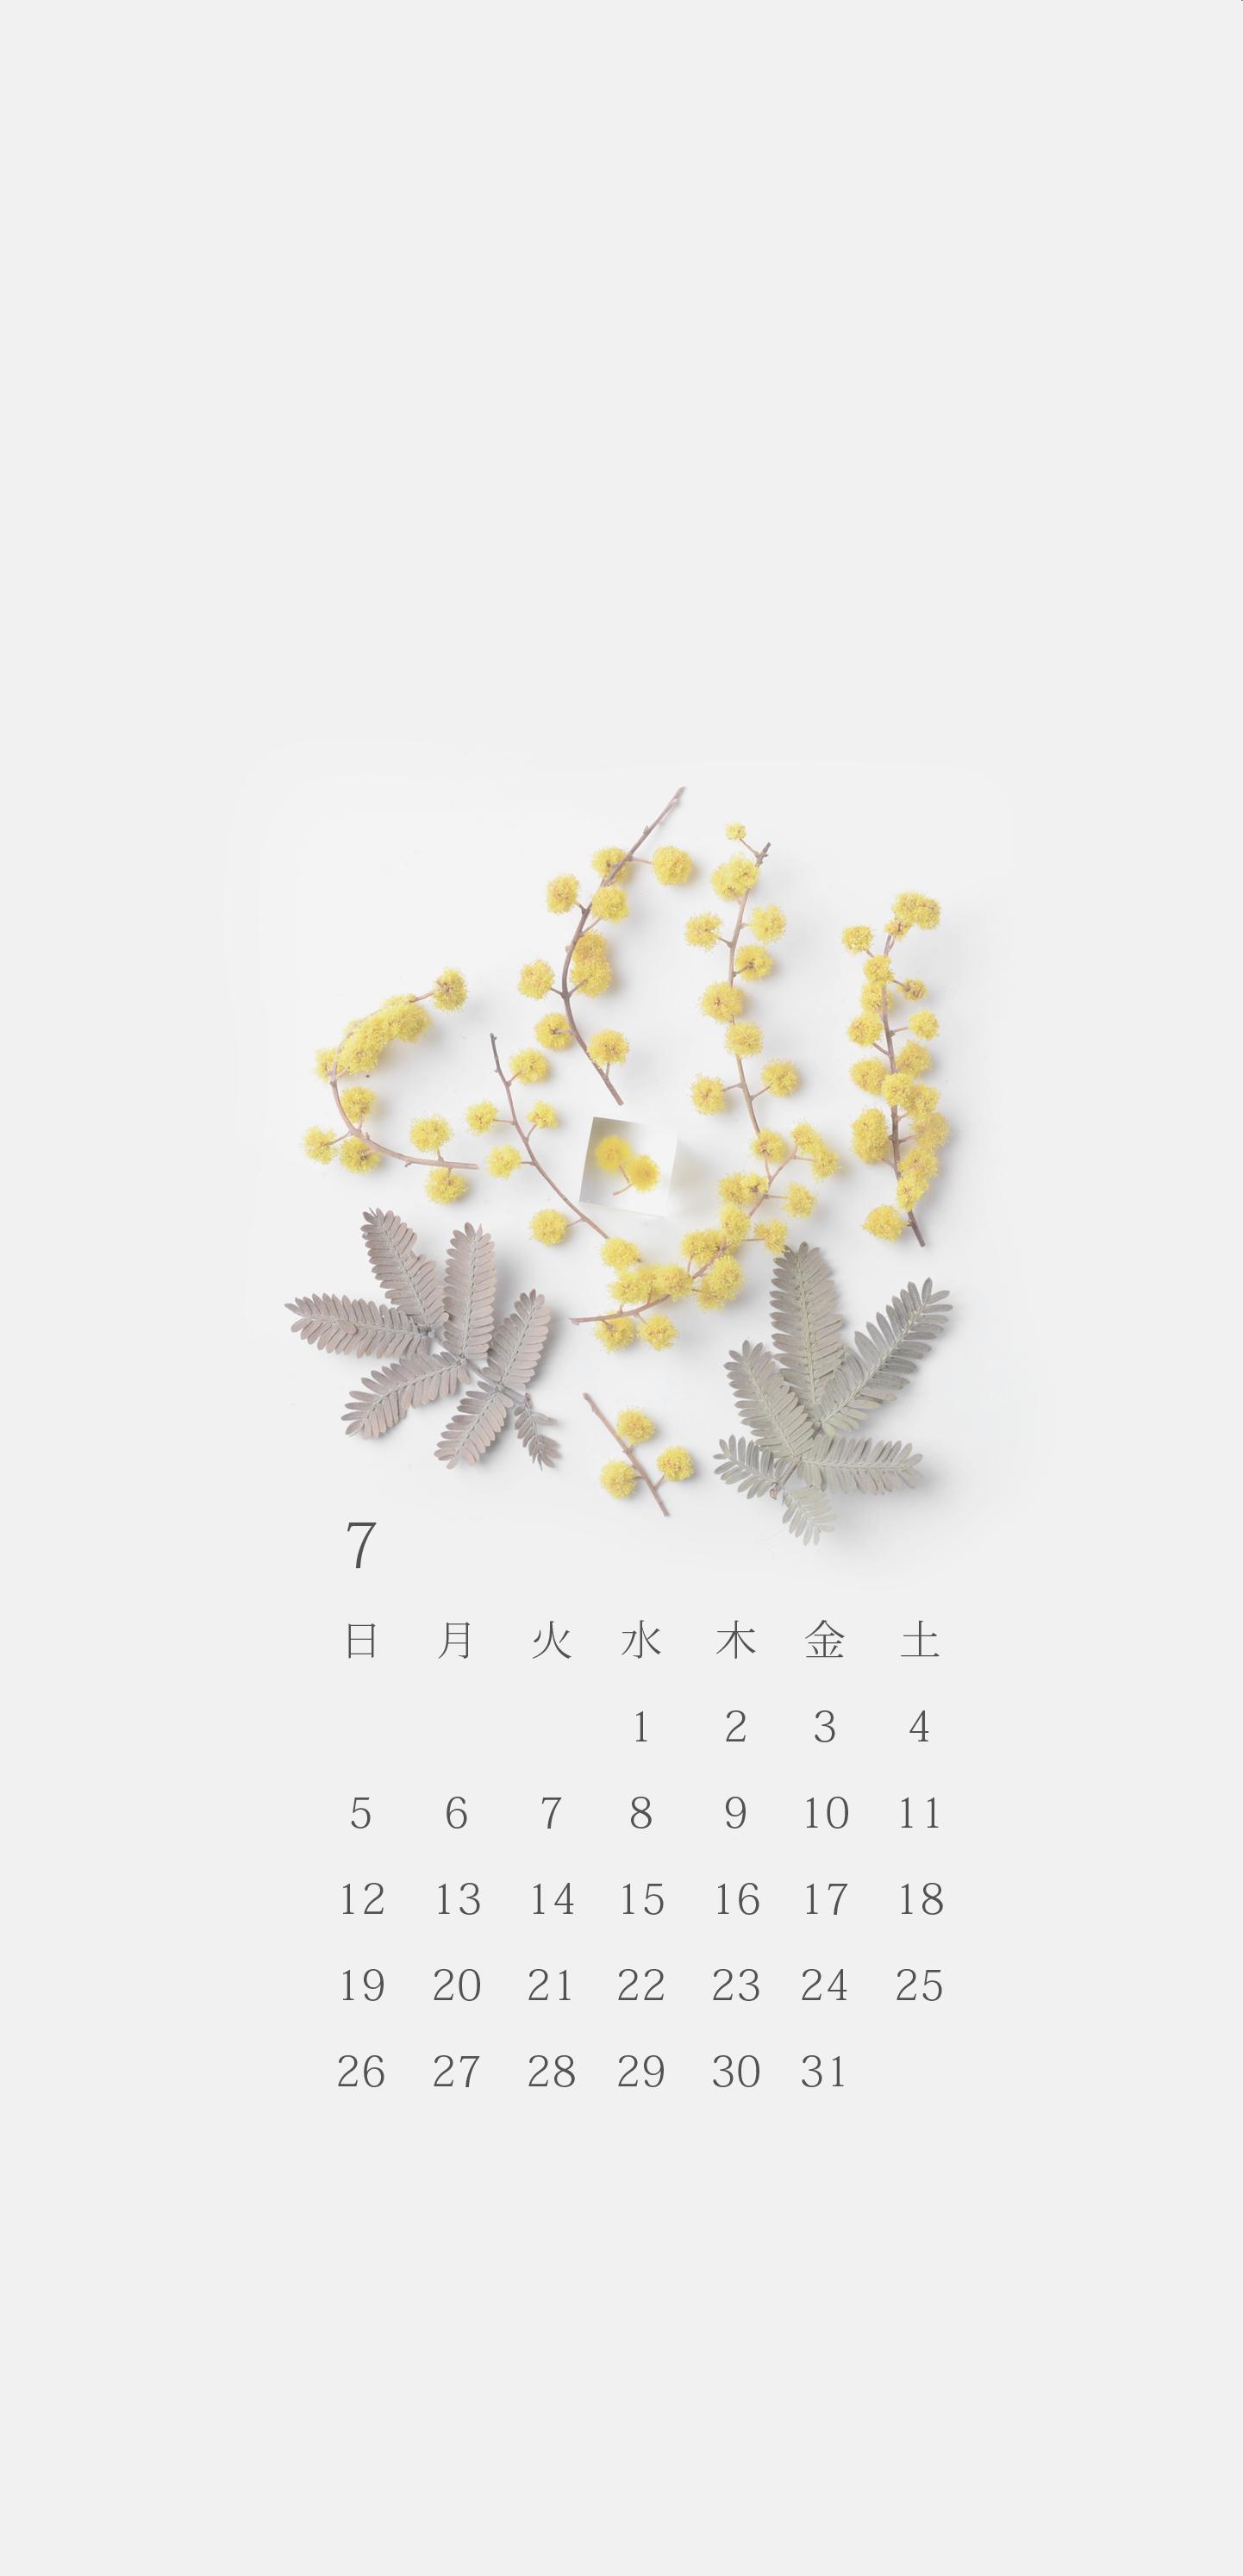 無料ロック画面カレンダー 「7月 ミモザ」